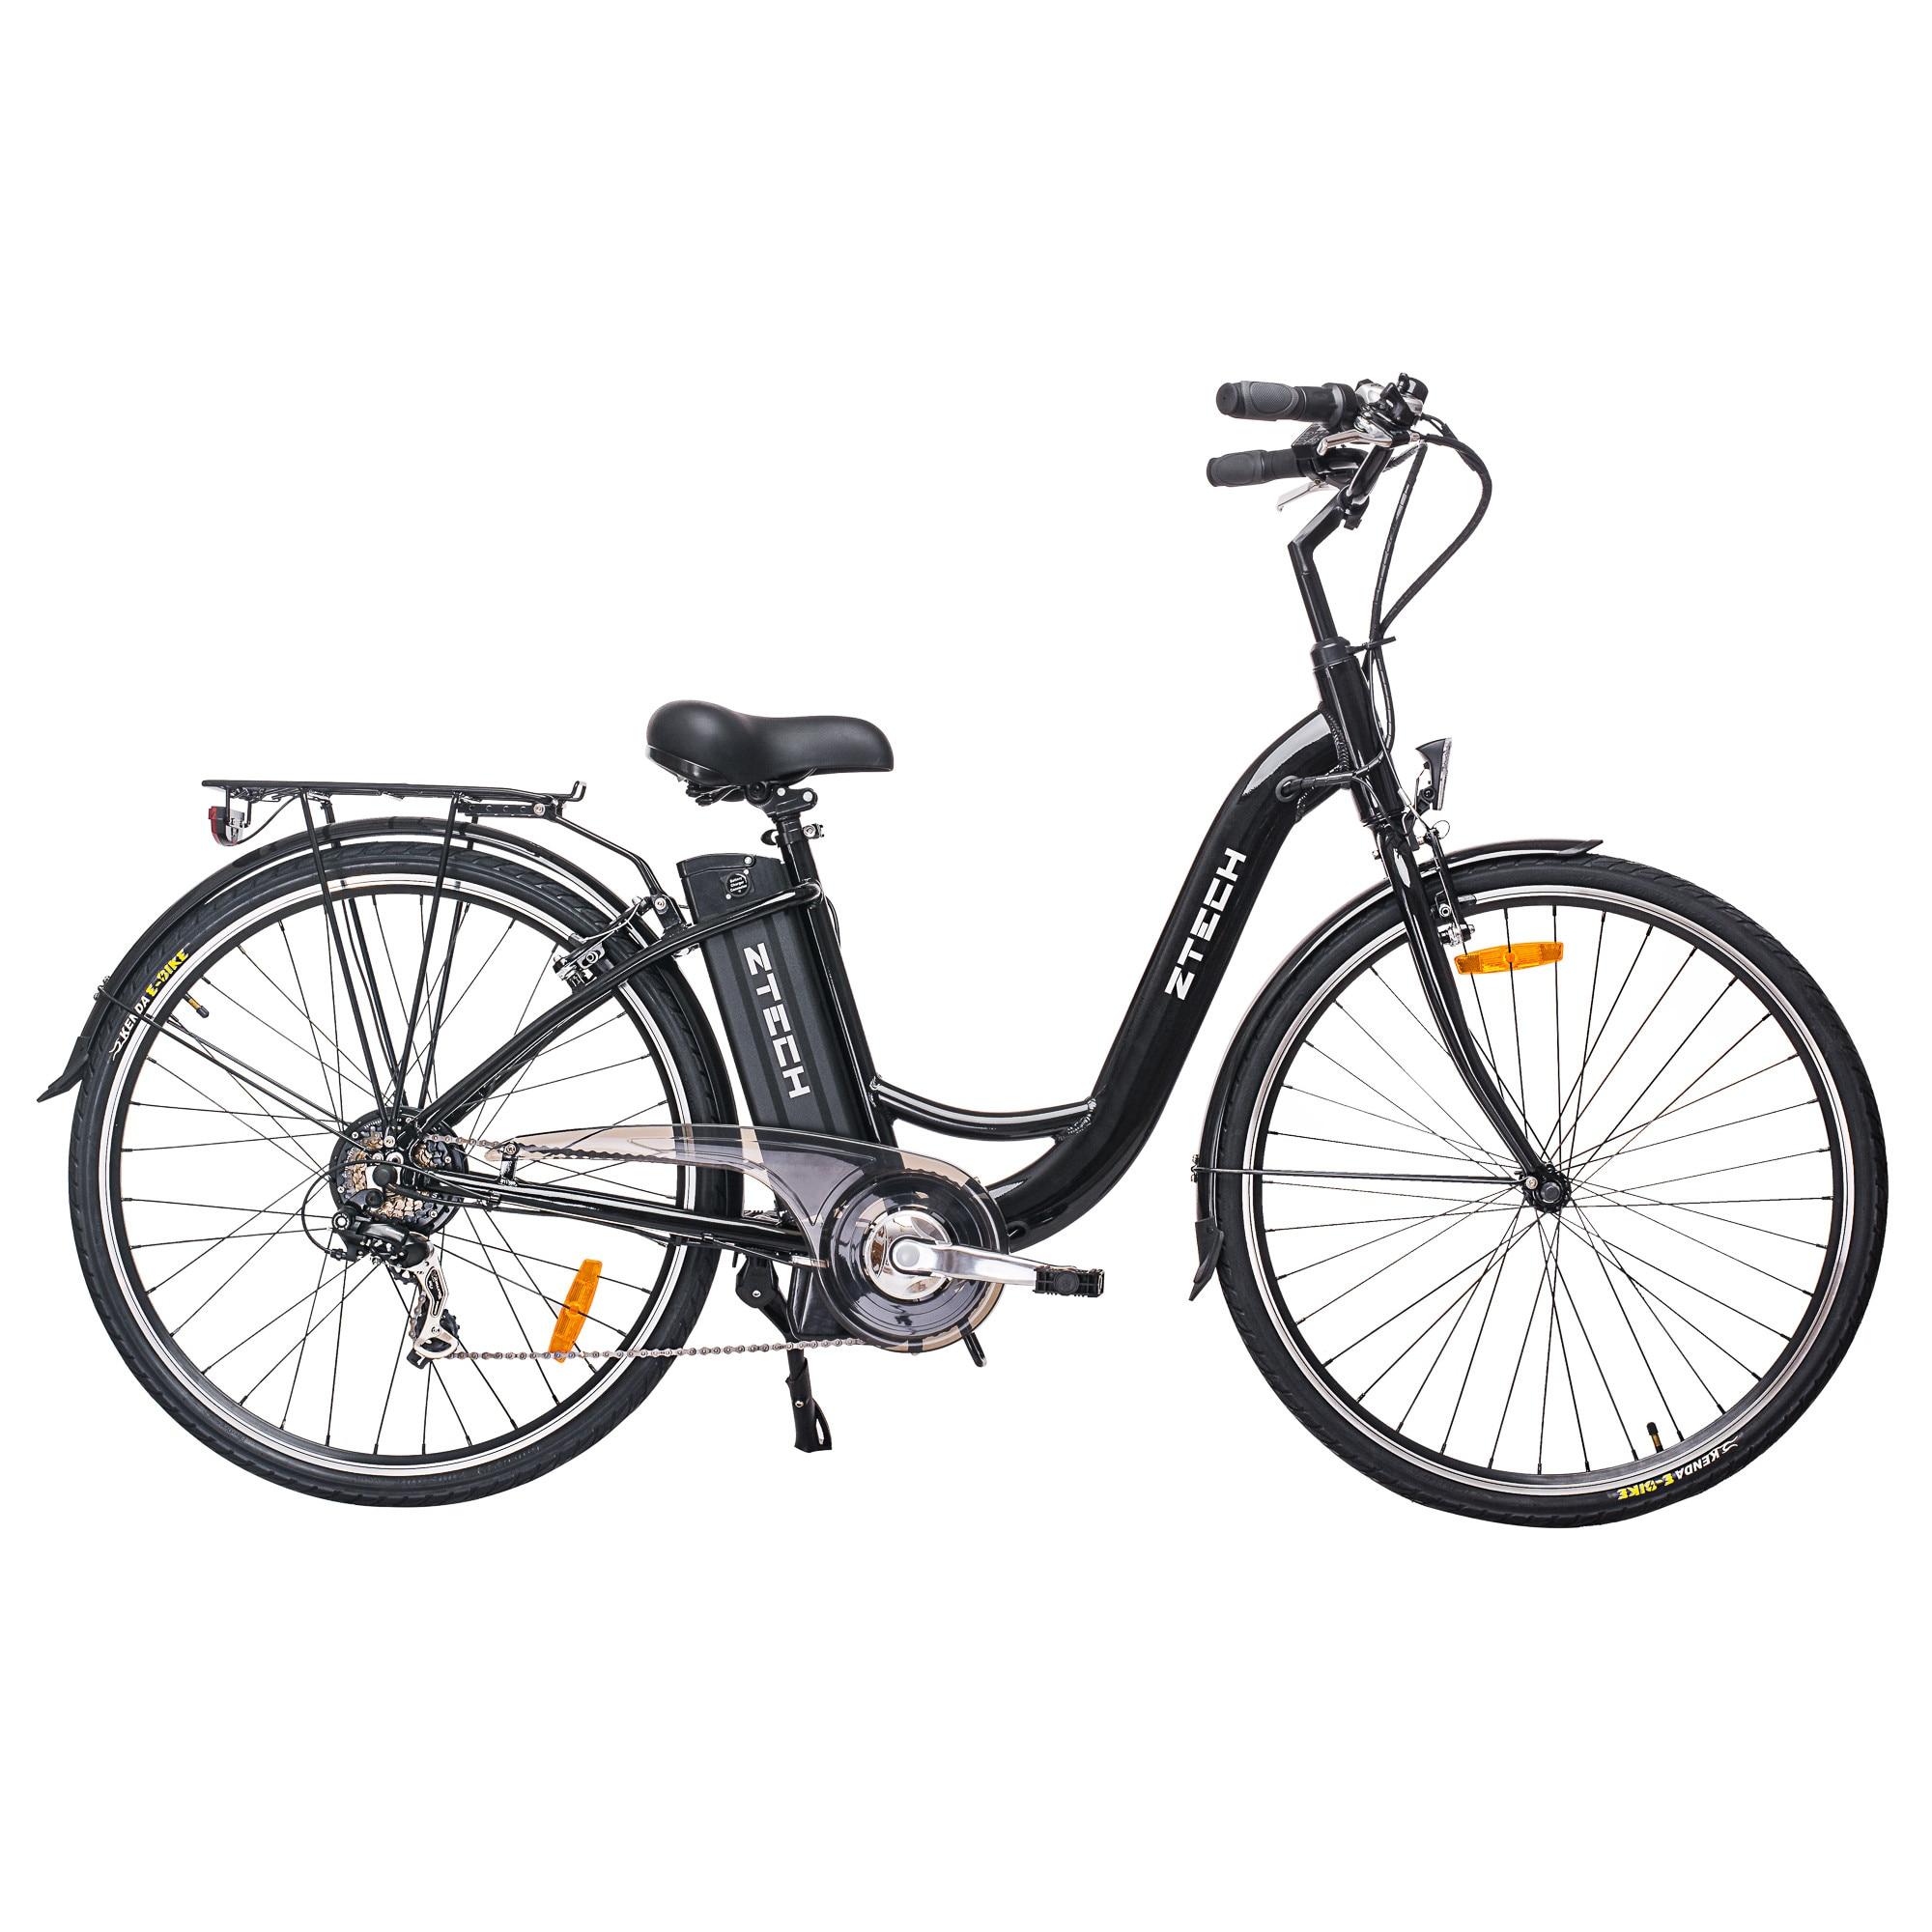 Női Elektromos/Pedelec kerékpárok - Női kerékpár - Kerékpáuj-uaz.hu Kerékpár Webáruház